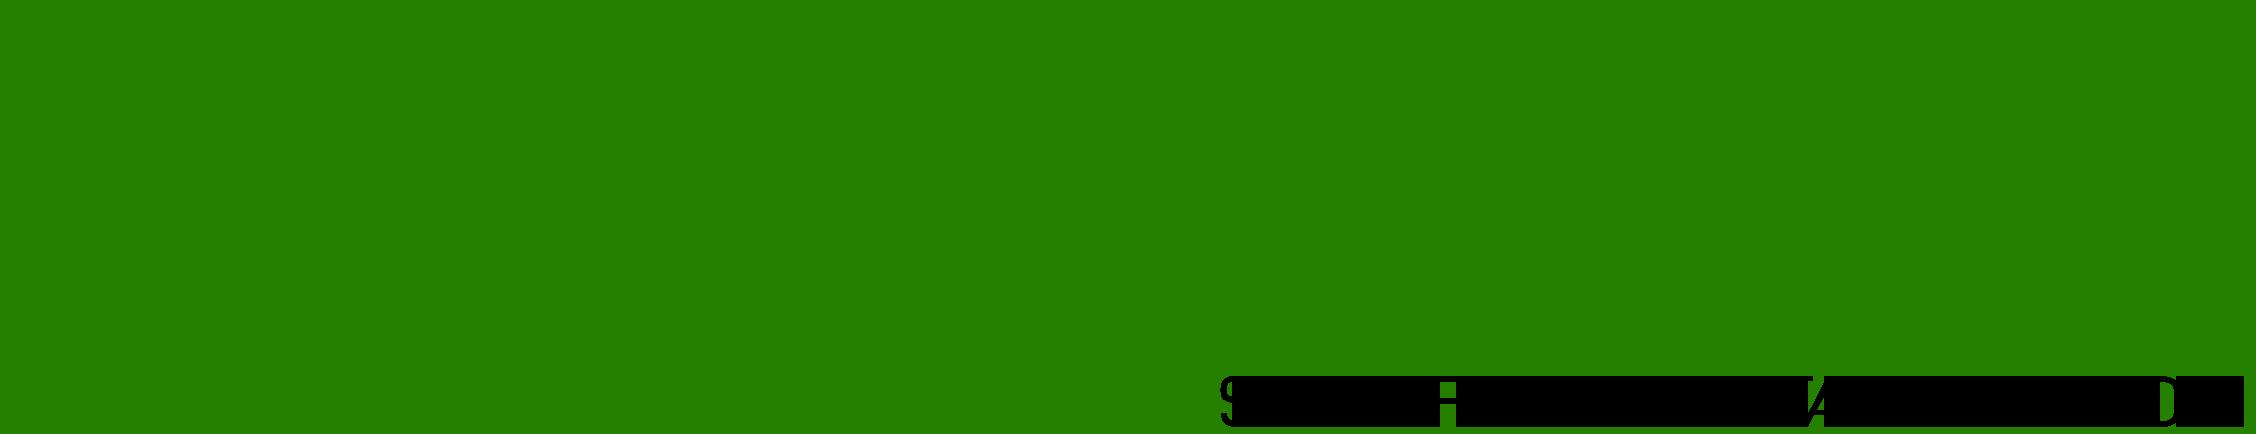 BrickXter Gmbh - Smart Digitalization